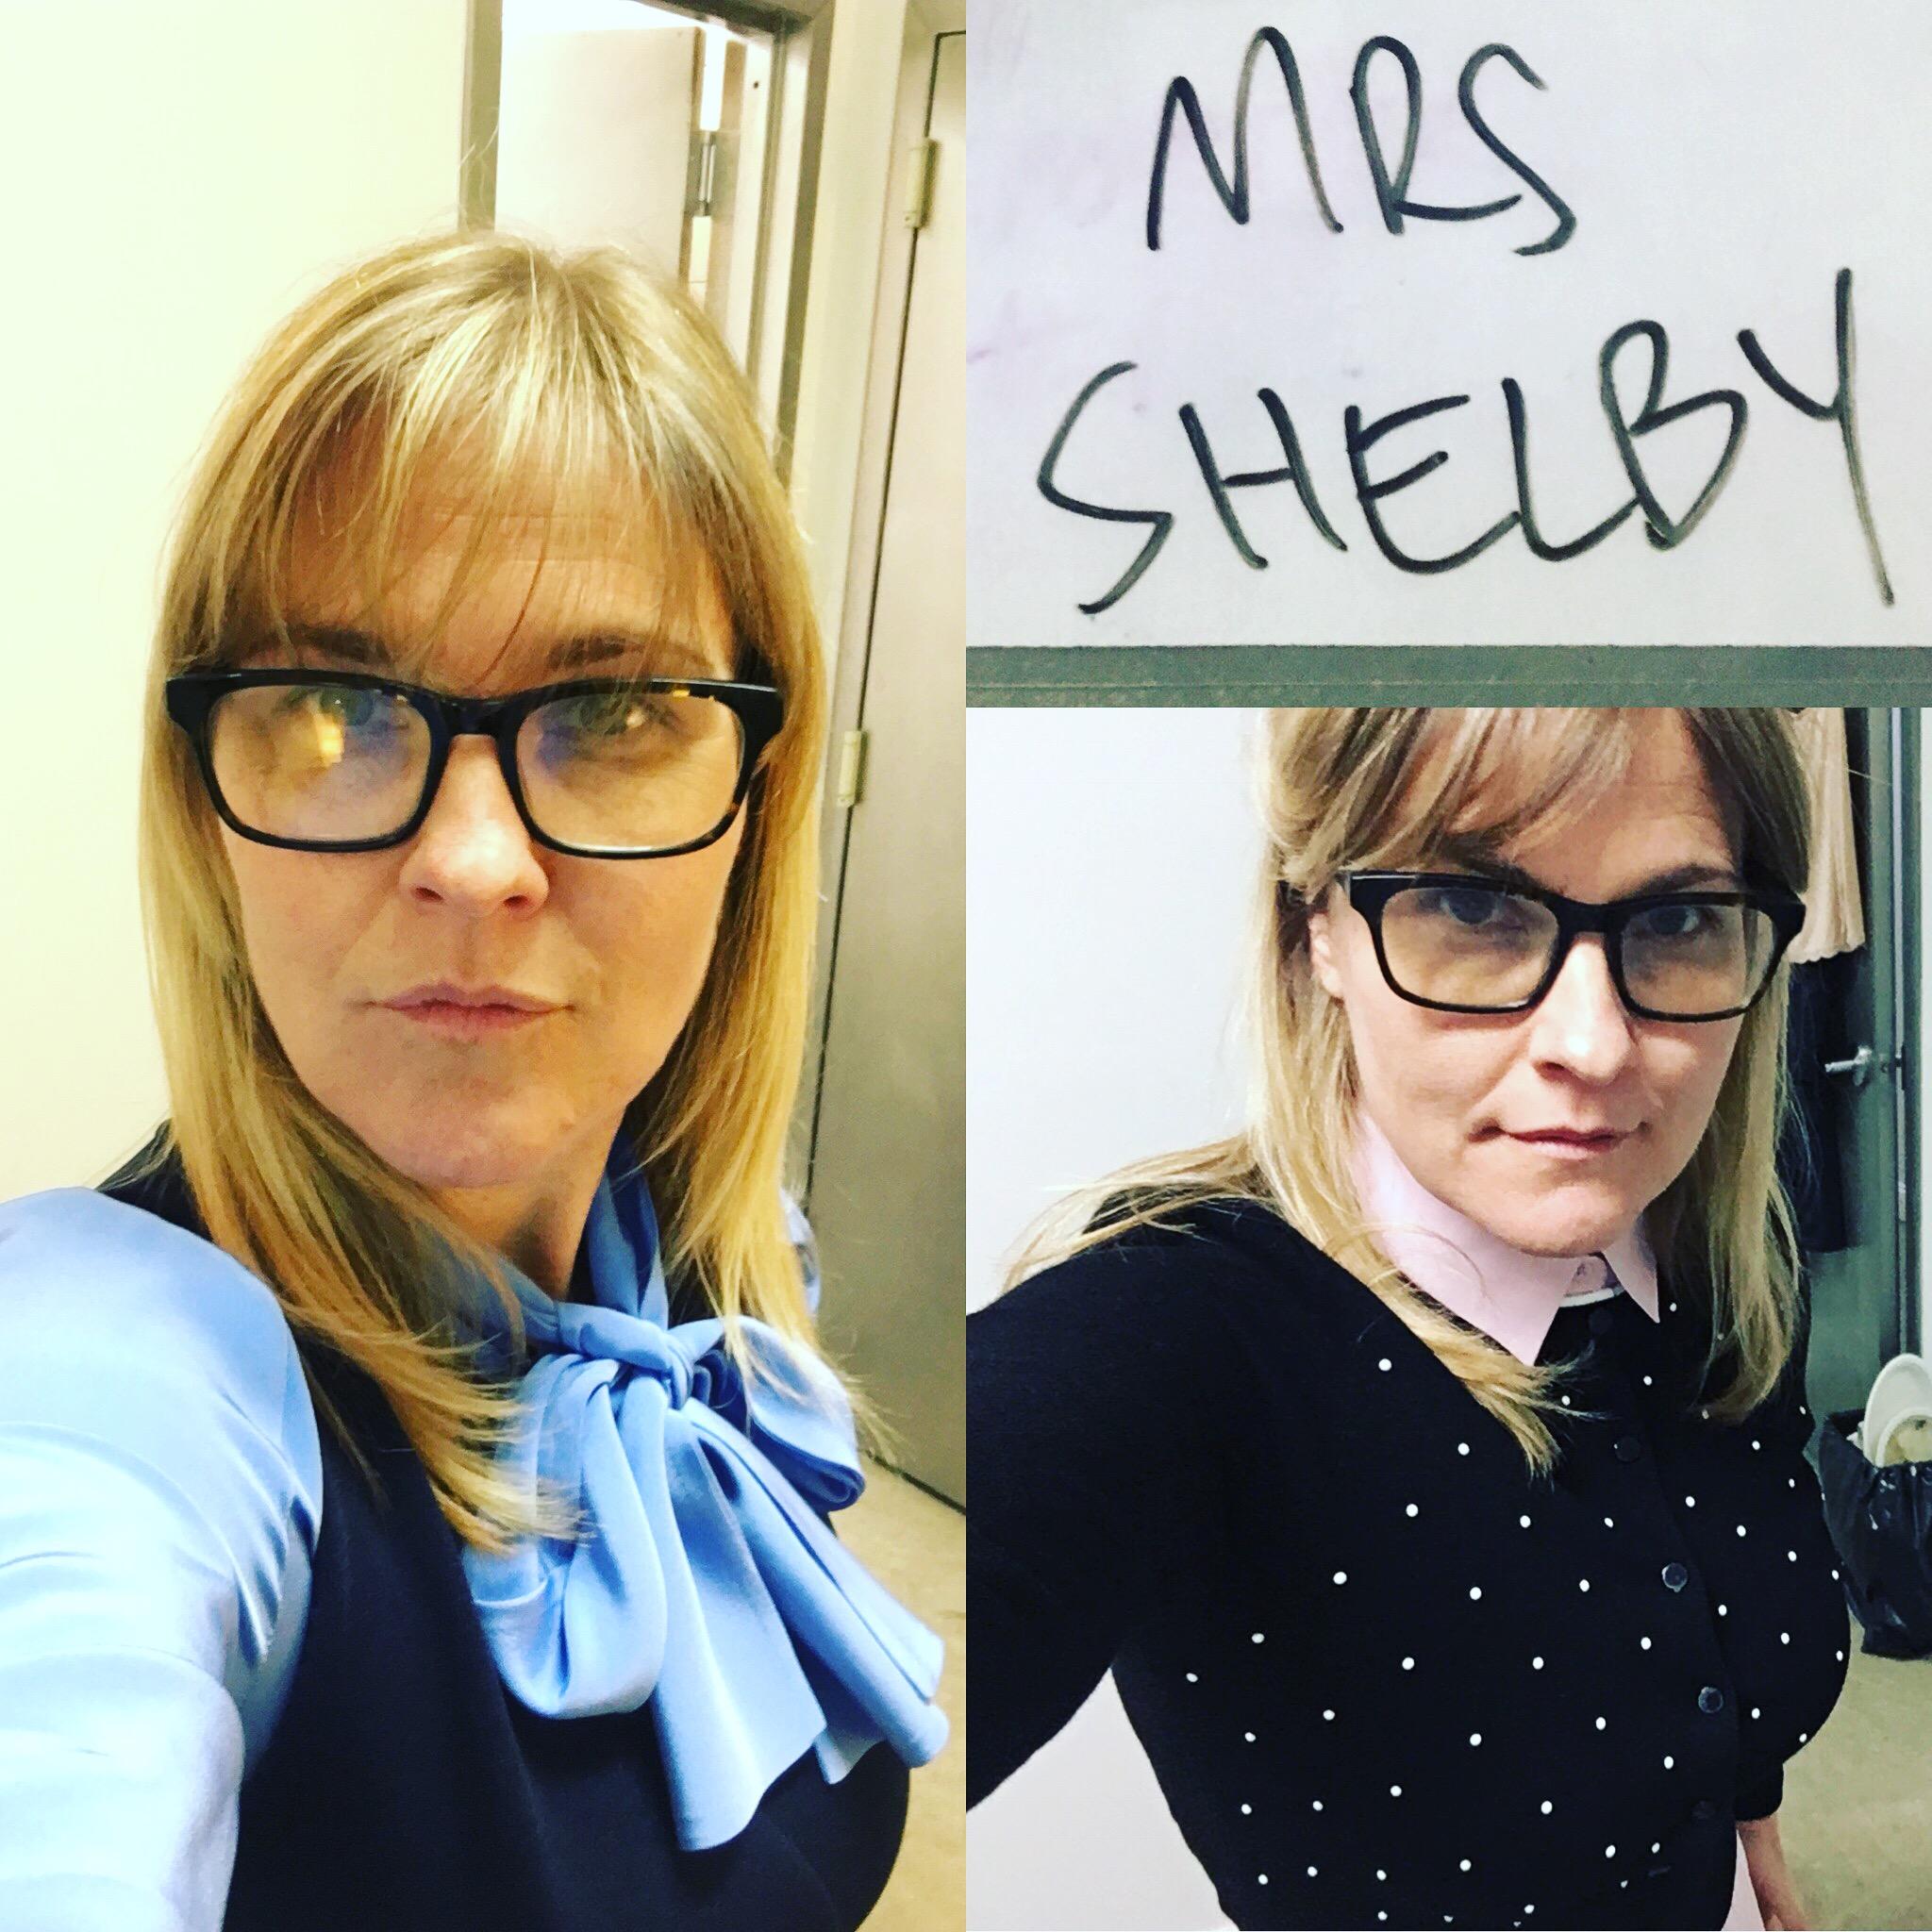 MrsShelby.jpg